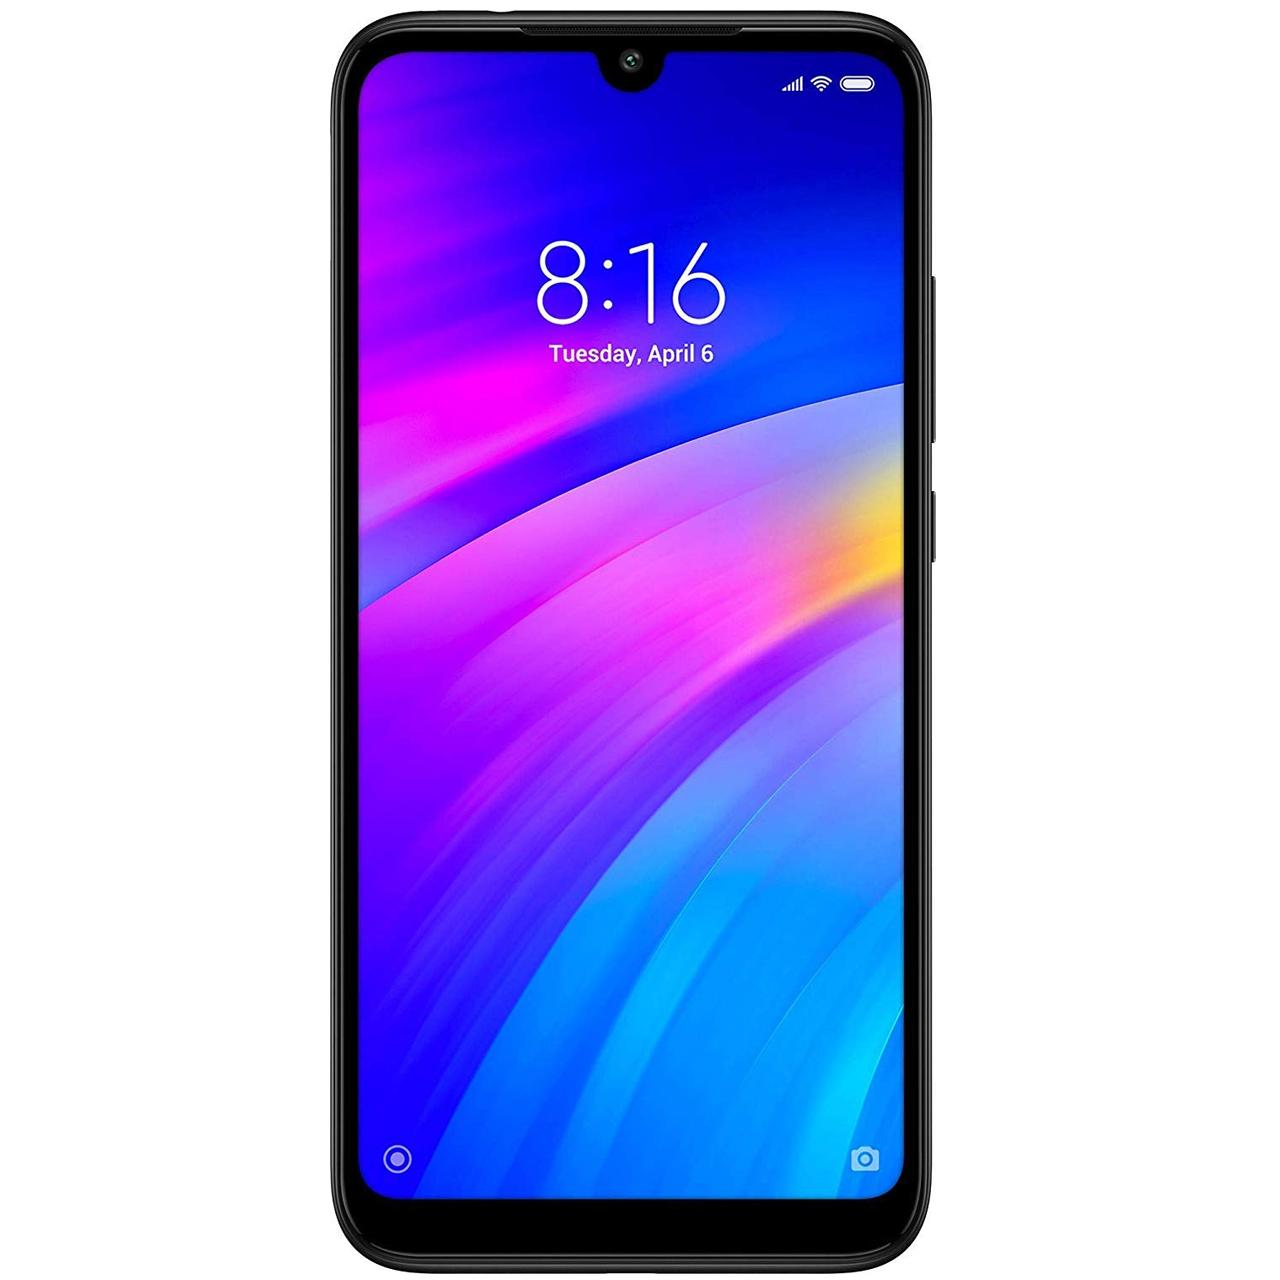 گوشی موبایل شیائومی مدل Redmi 7 M1810F6LGدو سیم کارت ظرفیت 32 گیگابایت - با برچسب قیمت مصرف کننده